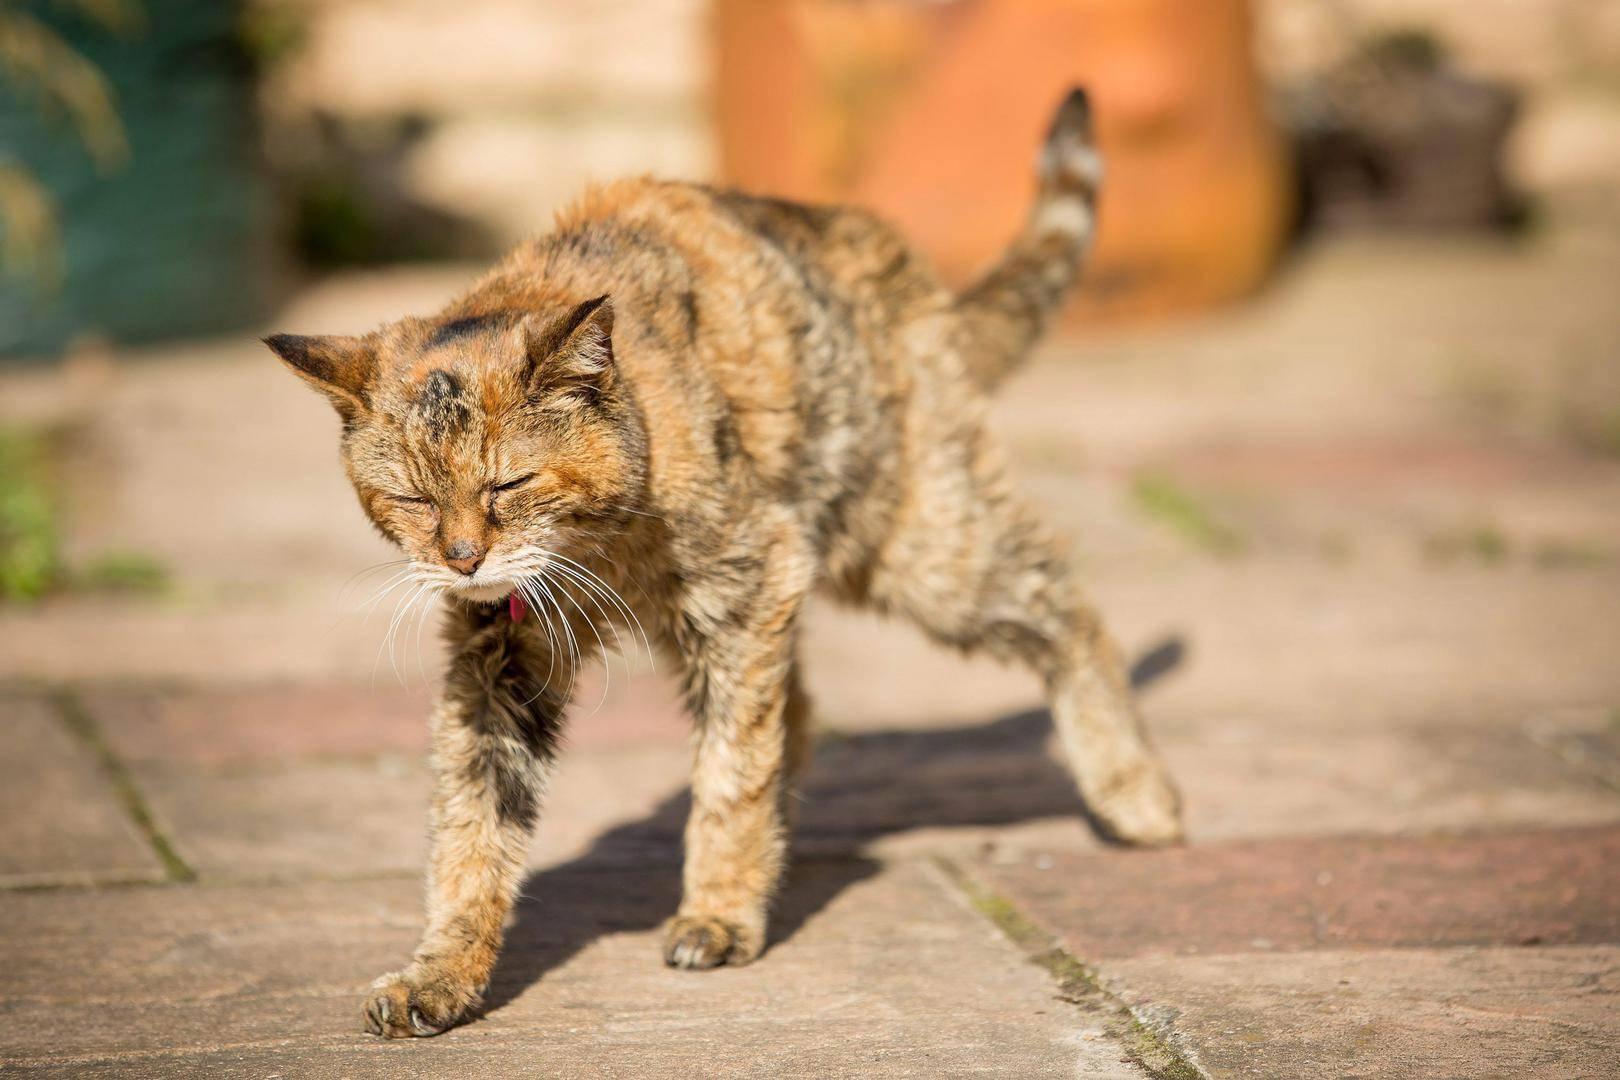 Что делать, если кот хромает на заднюю лапу? Почему кот хромает на заднюю лапу без видимых травм и что делать в этой ситуации.